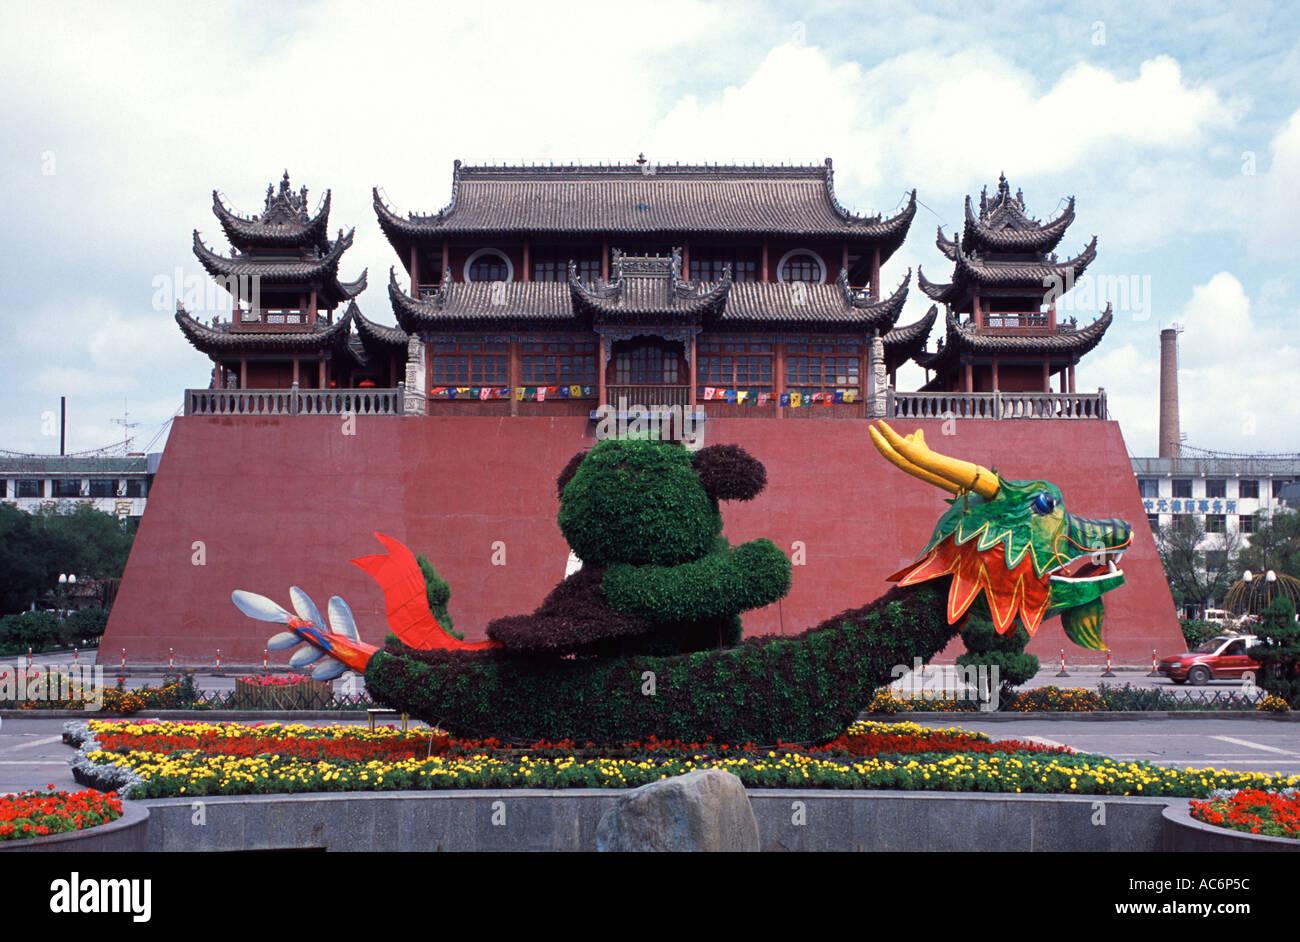 View of Gulou Drum Tower at Gulou Jie in Yinchuan city capital of the Ningxia Hui Autonomous Region, China Stock Photo